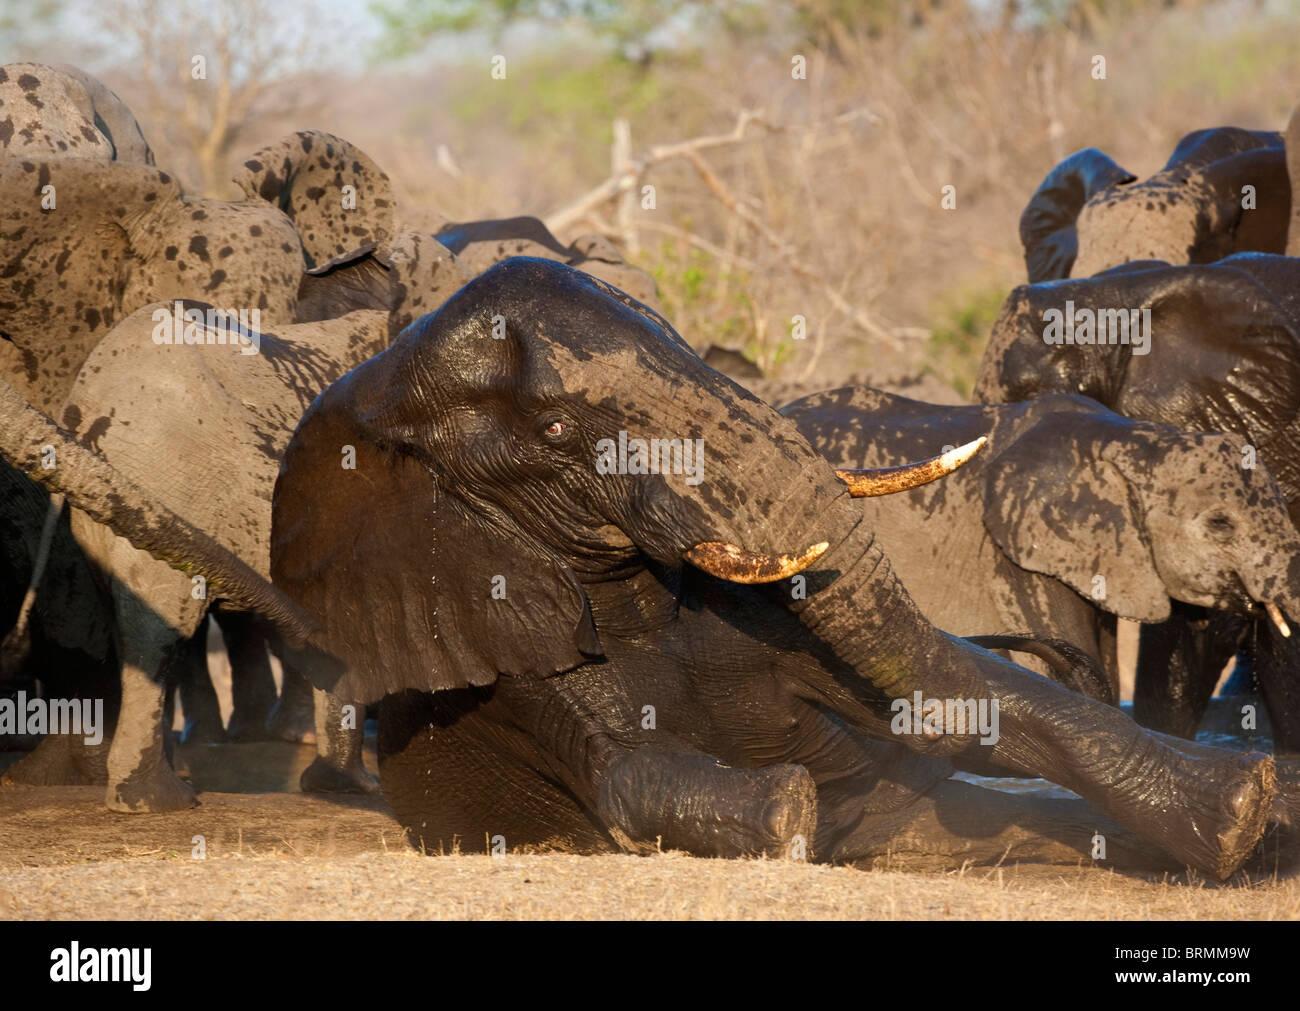 Eine nasse Elefantenbulle liegend auf dem Boden mit einer Zucht Herde trinken im Hintergrund Stockbild